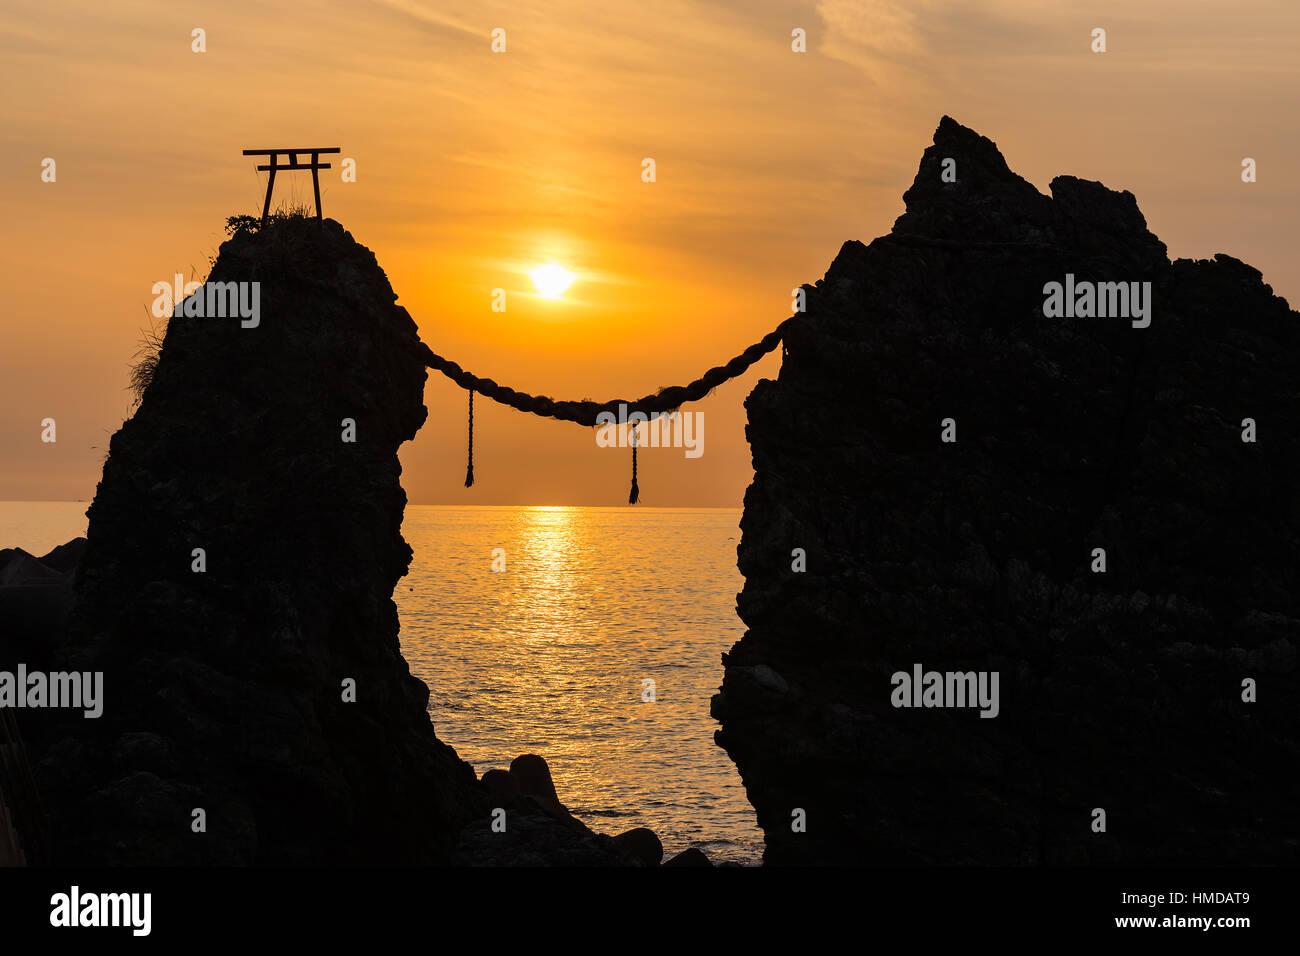 Meoto Iwa (Married Couple Rocks) of Cape Nomo at dusk in Nagasaki, Japan. - Stock Image